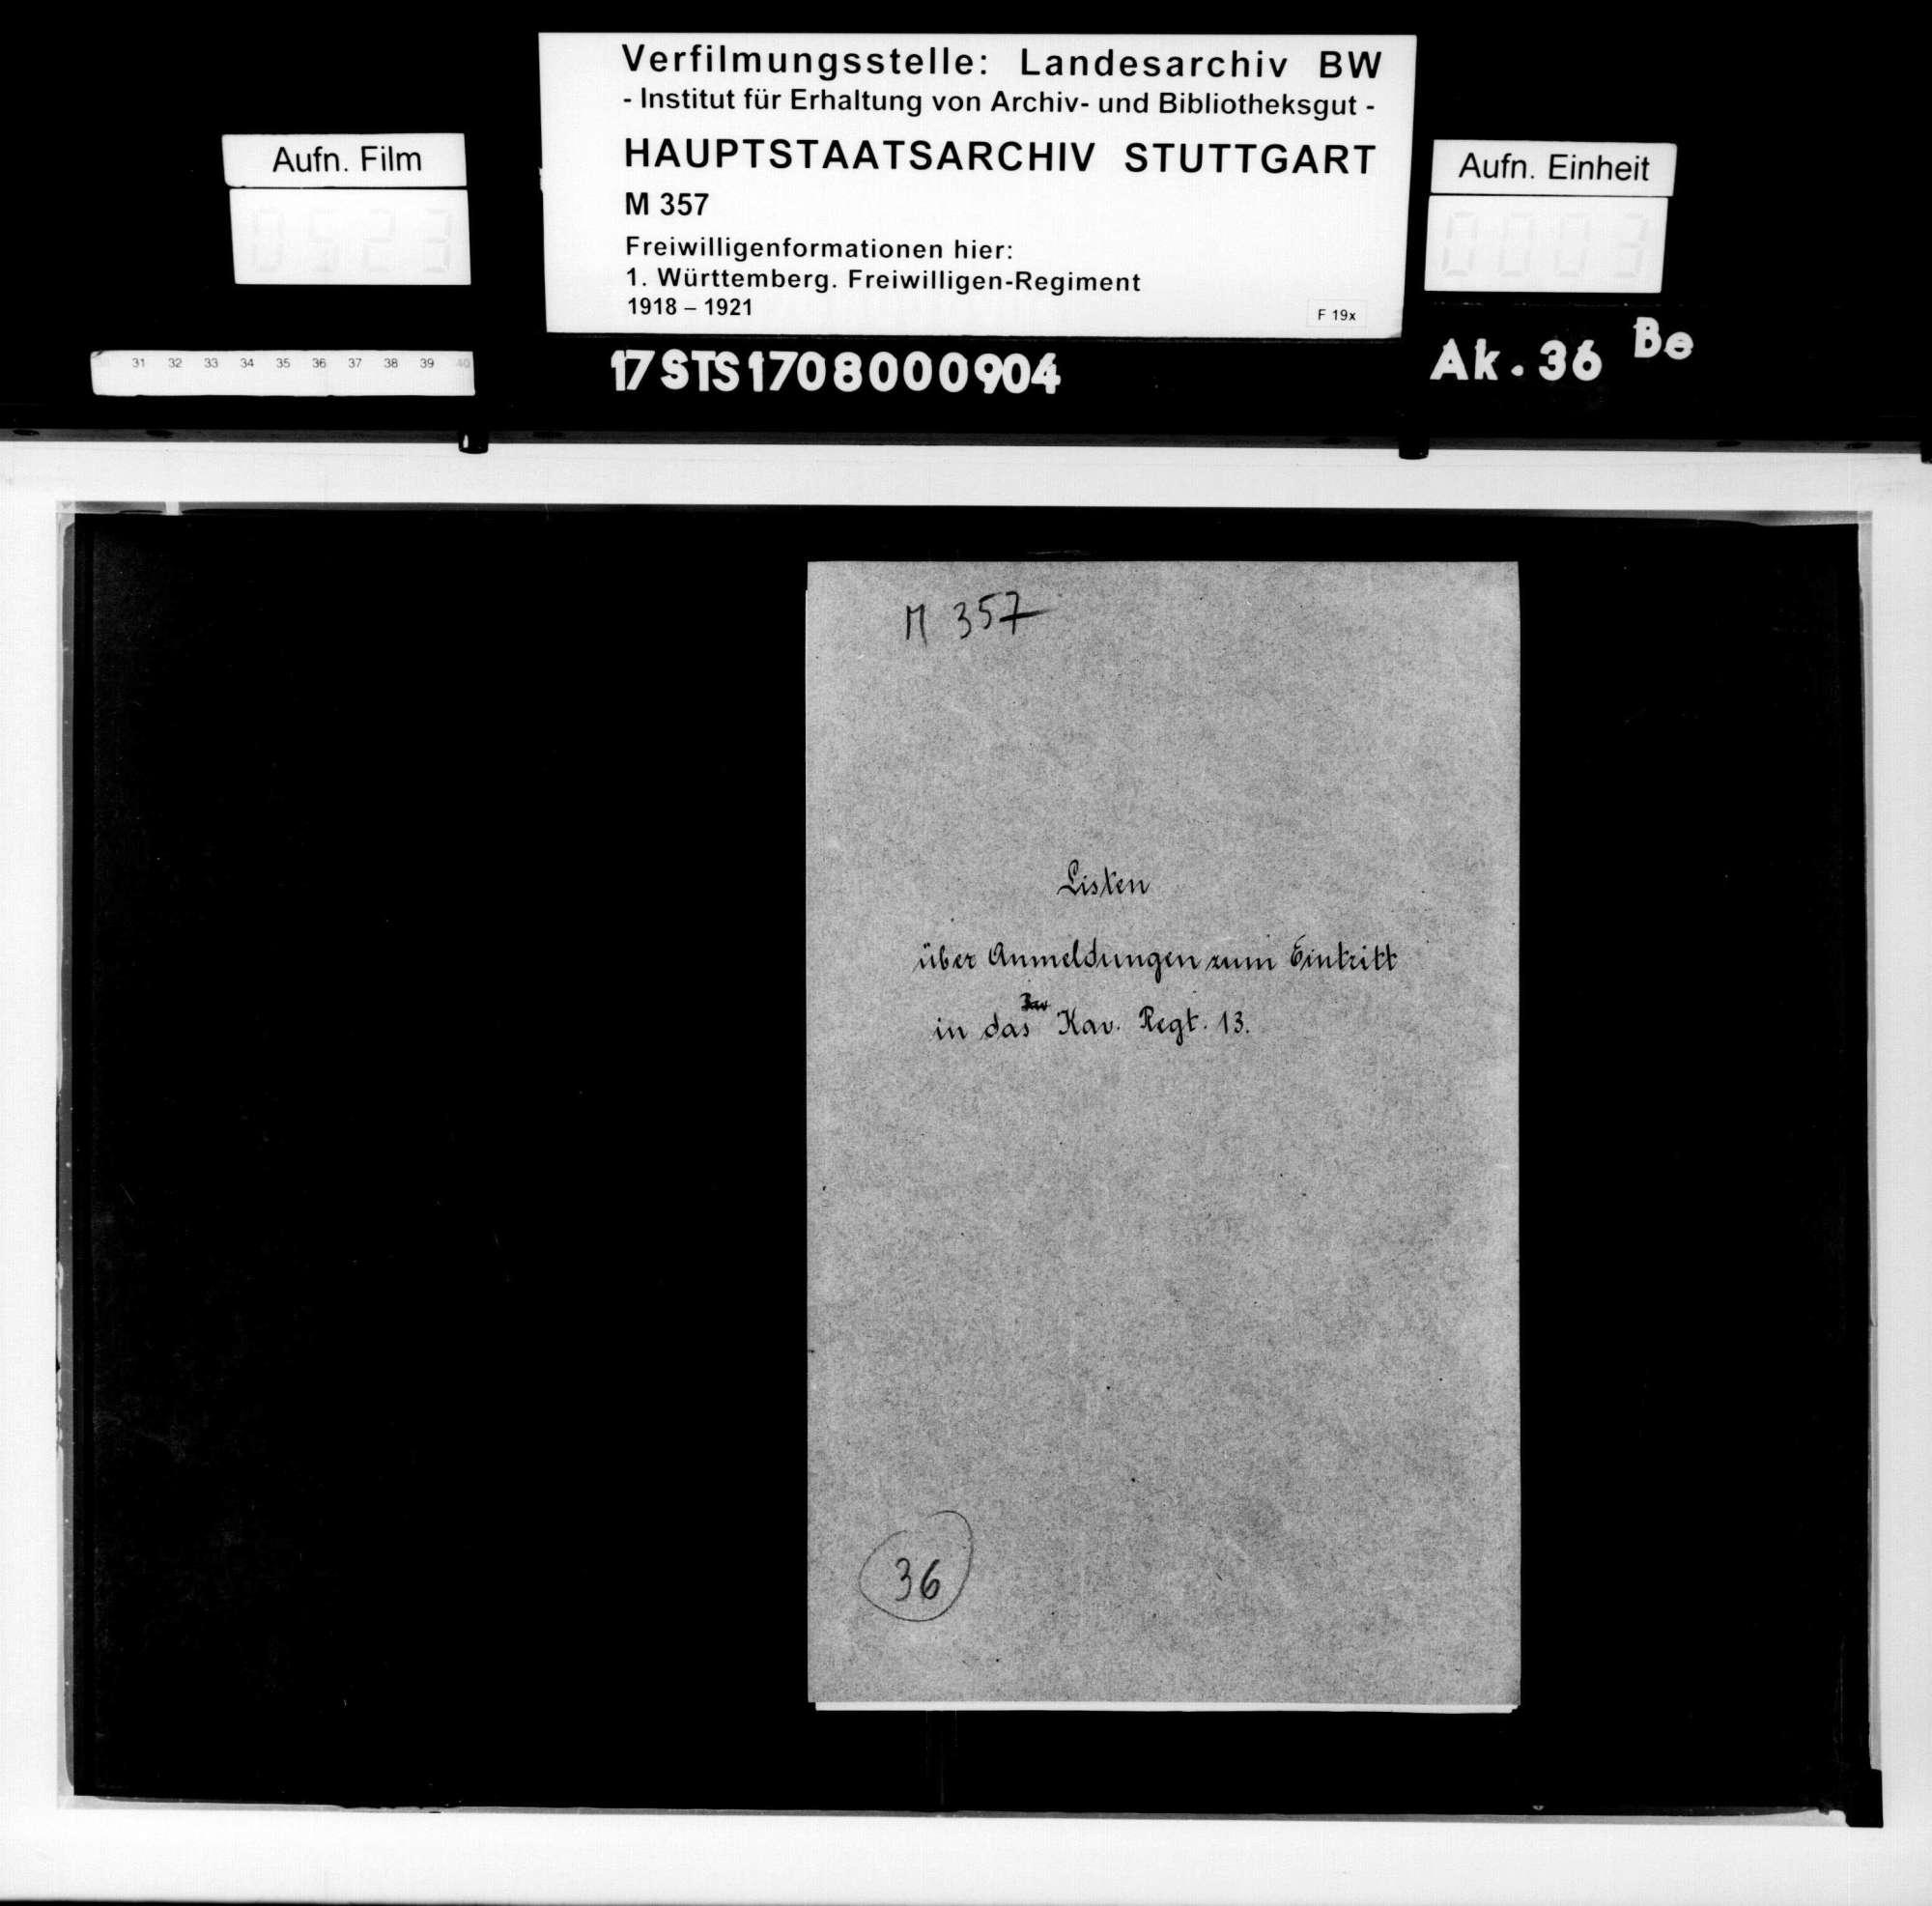 Listen über Anmeldungen zur Reichswehr zum Eintritt in Württ. Kavallerie-Regiment 13 (Maschinengewehr-Abteilung 13/Ludwigsburg, 1. Eskadron/Ludwigsburg, 1. Eskadron/Ulm), Bild 1